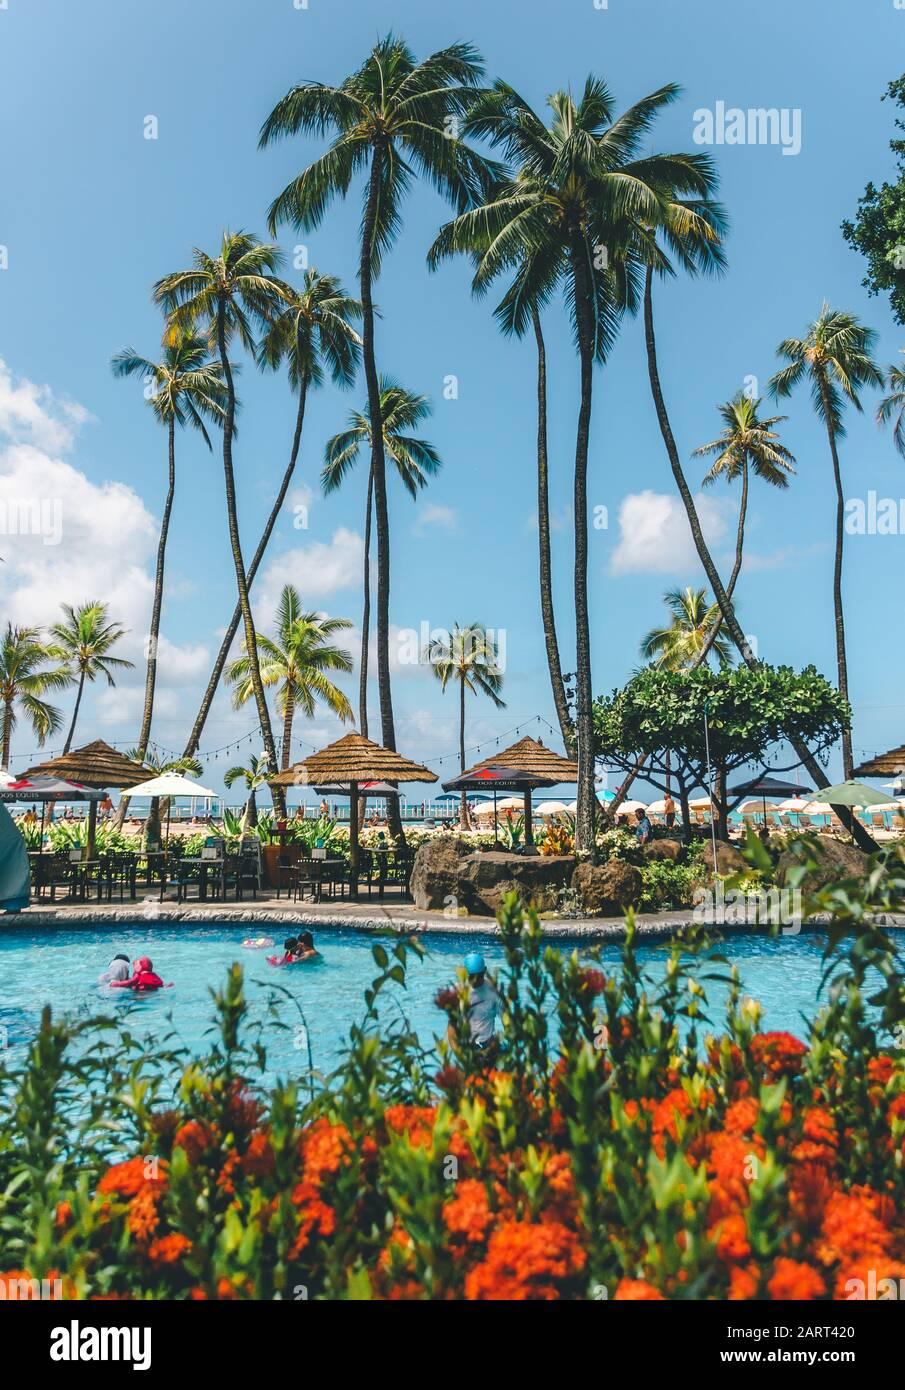 Hawaii playa resort piscina Foto de stock